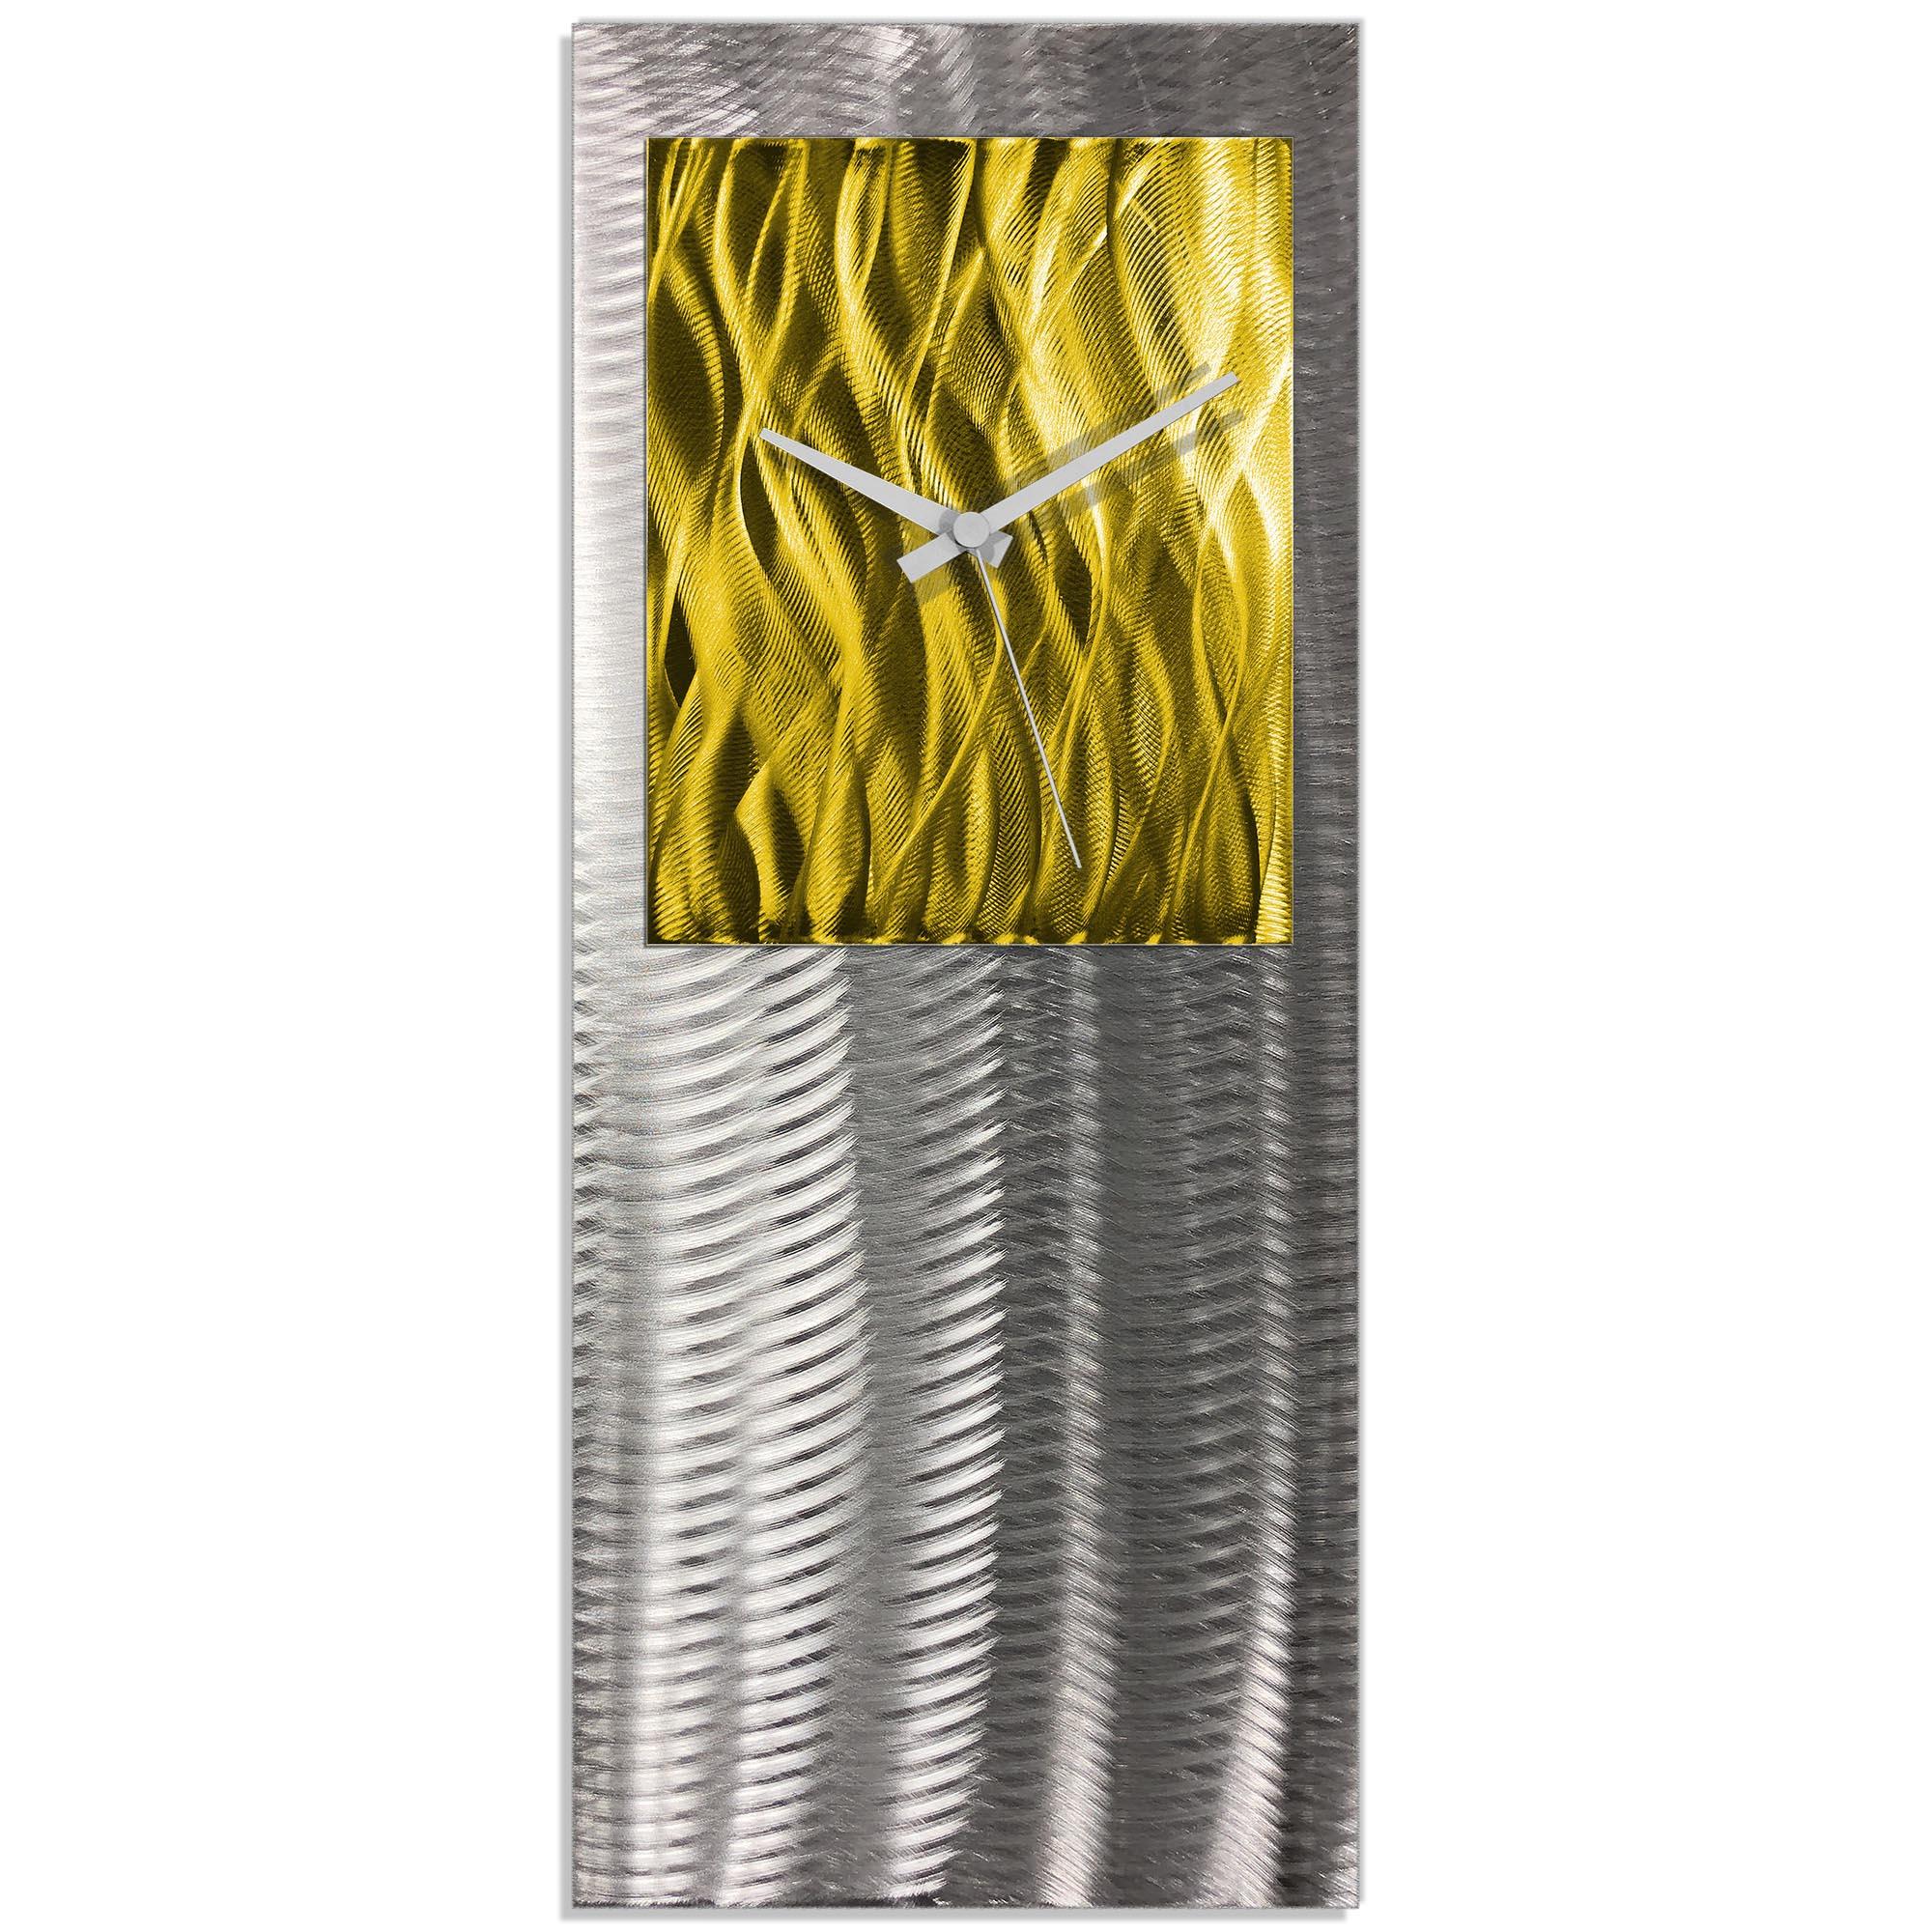 Metal Art Studio Abstract Decor Yellow Studio Clock 10in x 24in